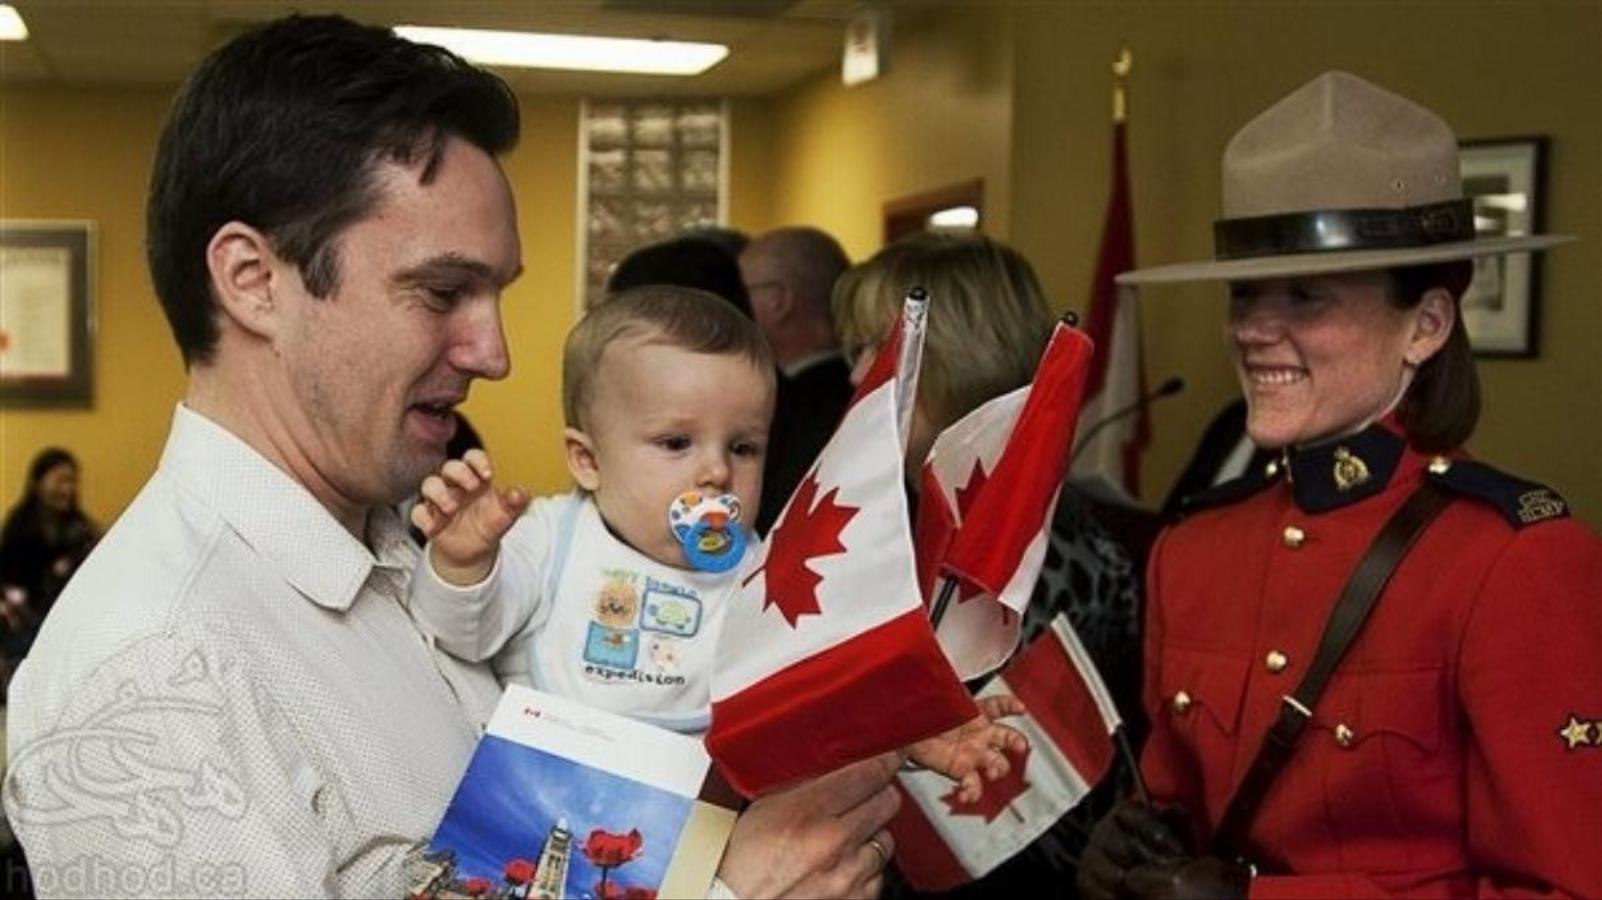 کشور های مهاجر پذیر در سال 2017 مهاجرت به کانادا : کانادا پذیرای سیصد هزار مهاجر در سال ...